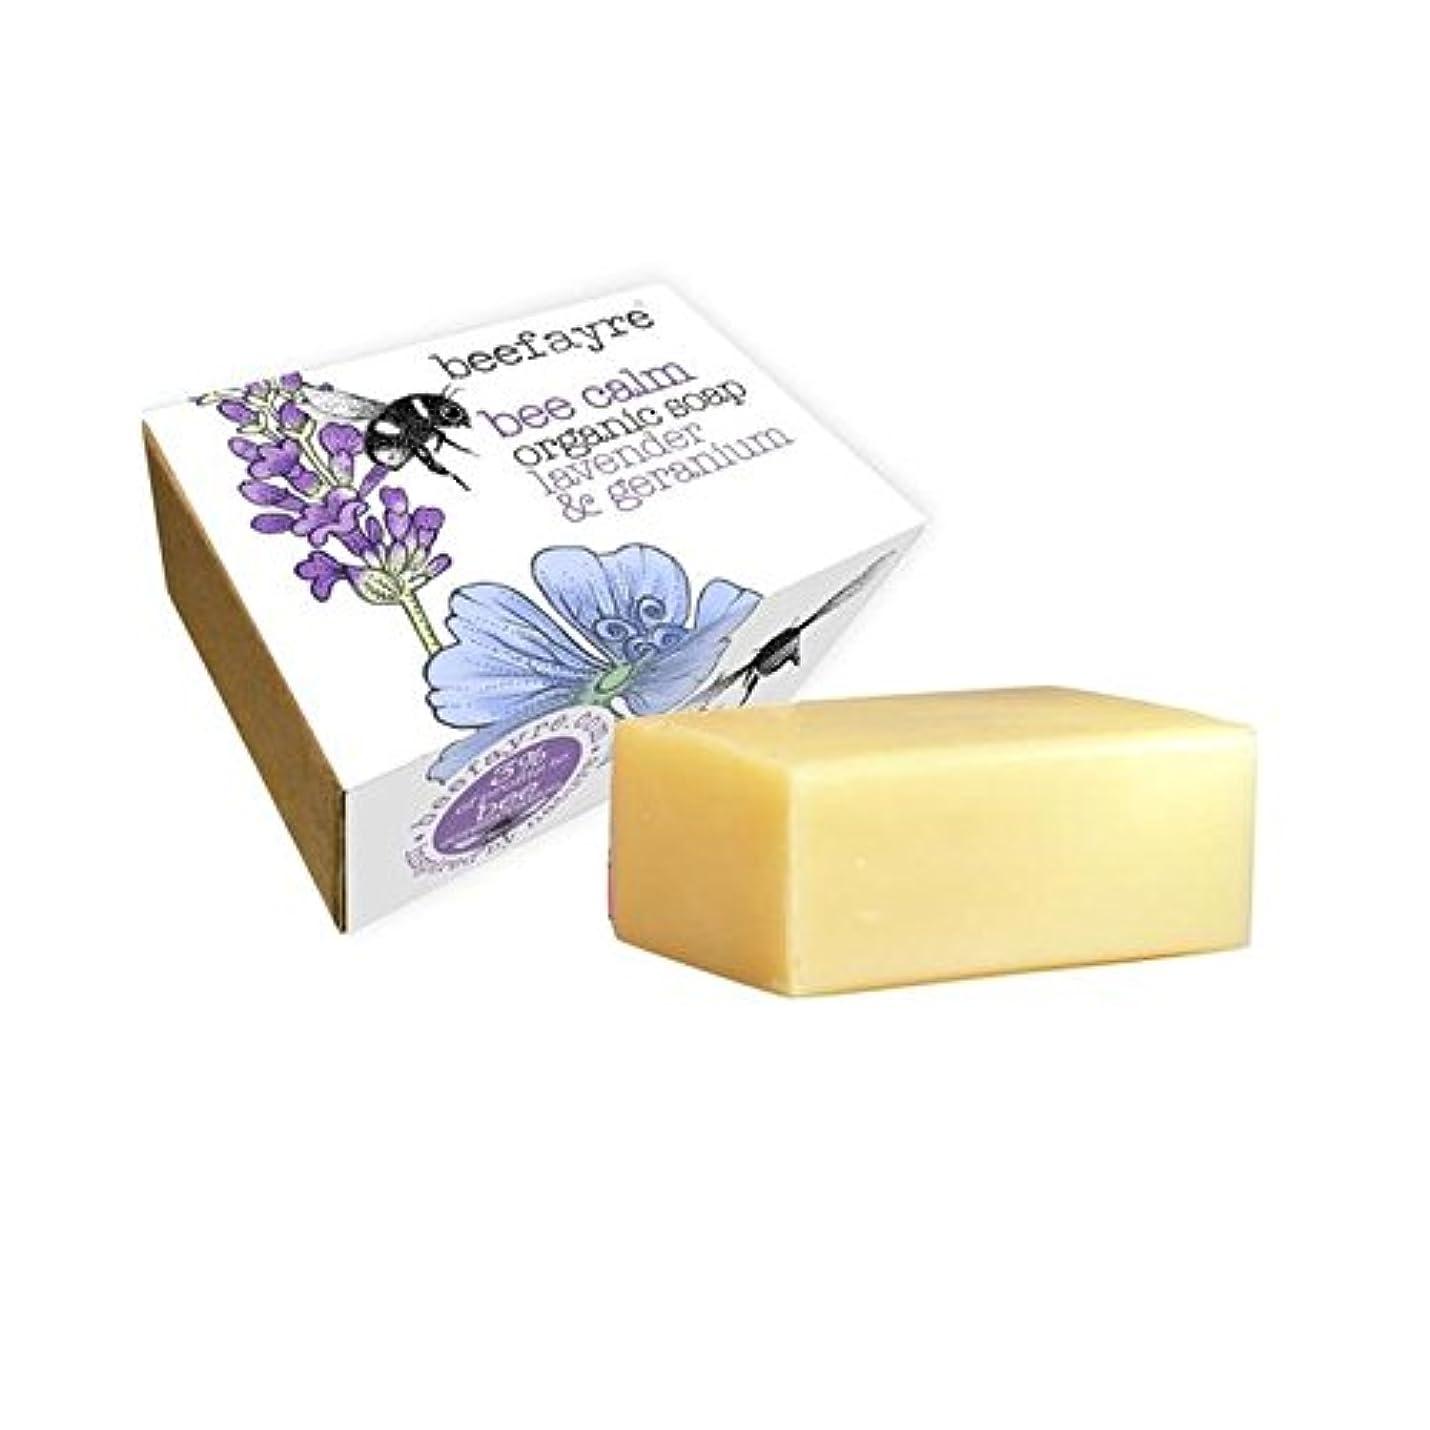 ペース静脈促すBeefayre Organic Geranium & Lavender Soap - 有機ゼラニウム&ラベンダー石鹸 [並行輸入品]